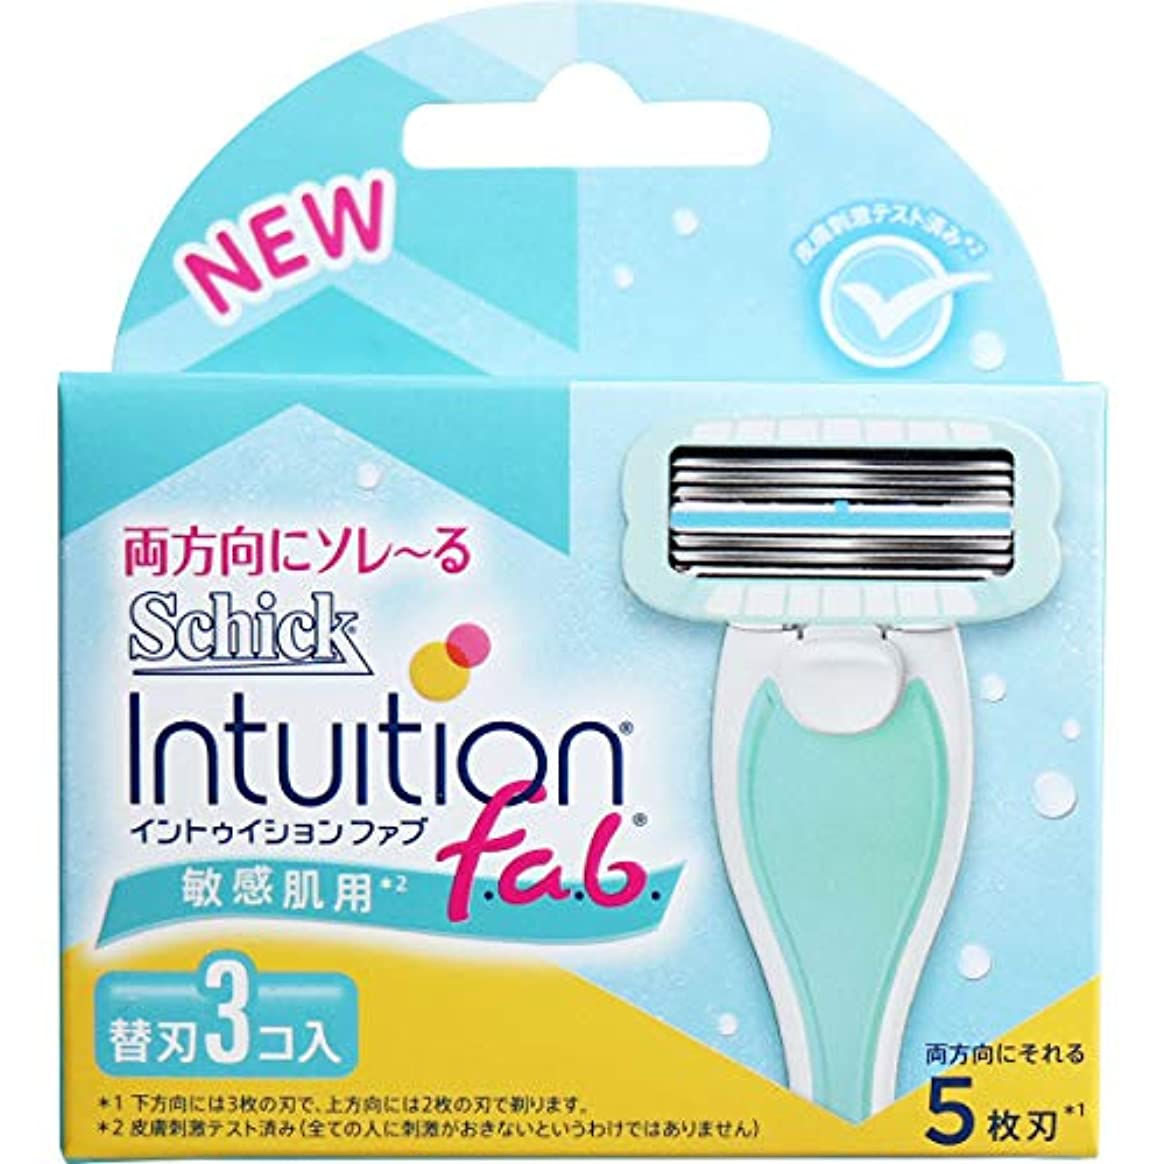 シリンダーチューブロデオシック イントゥイション ファブ 敏感肌用 替刃3個入(単品)